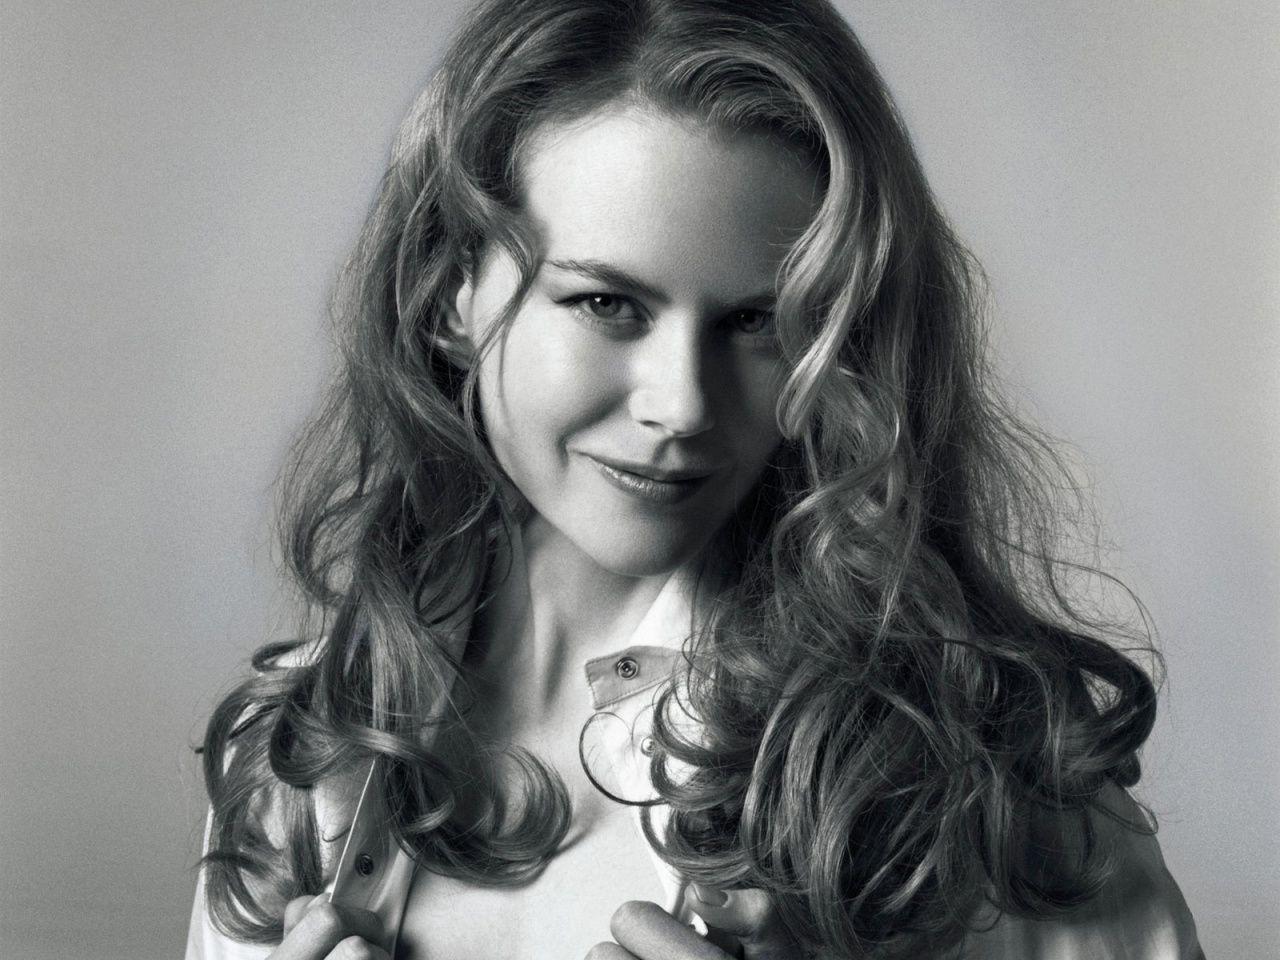 Nicole Kidman.  Nombre real Nicole Mary Kidman  Nacimiento Honolulu, Hawái  20 de junio de 1967